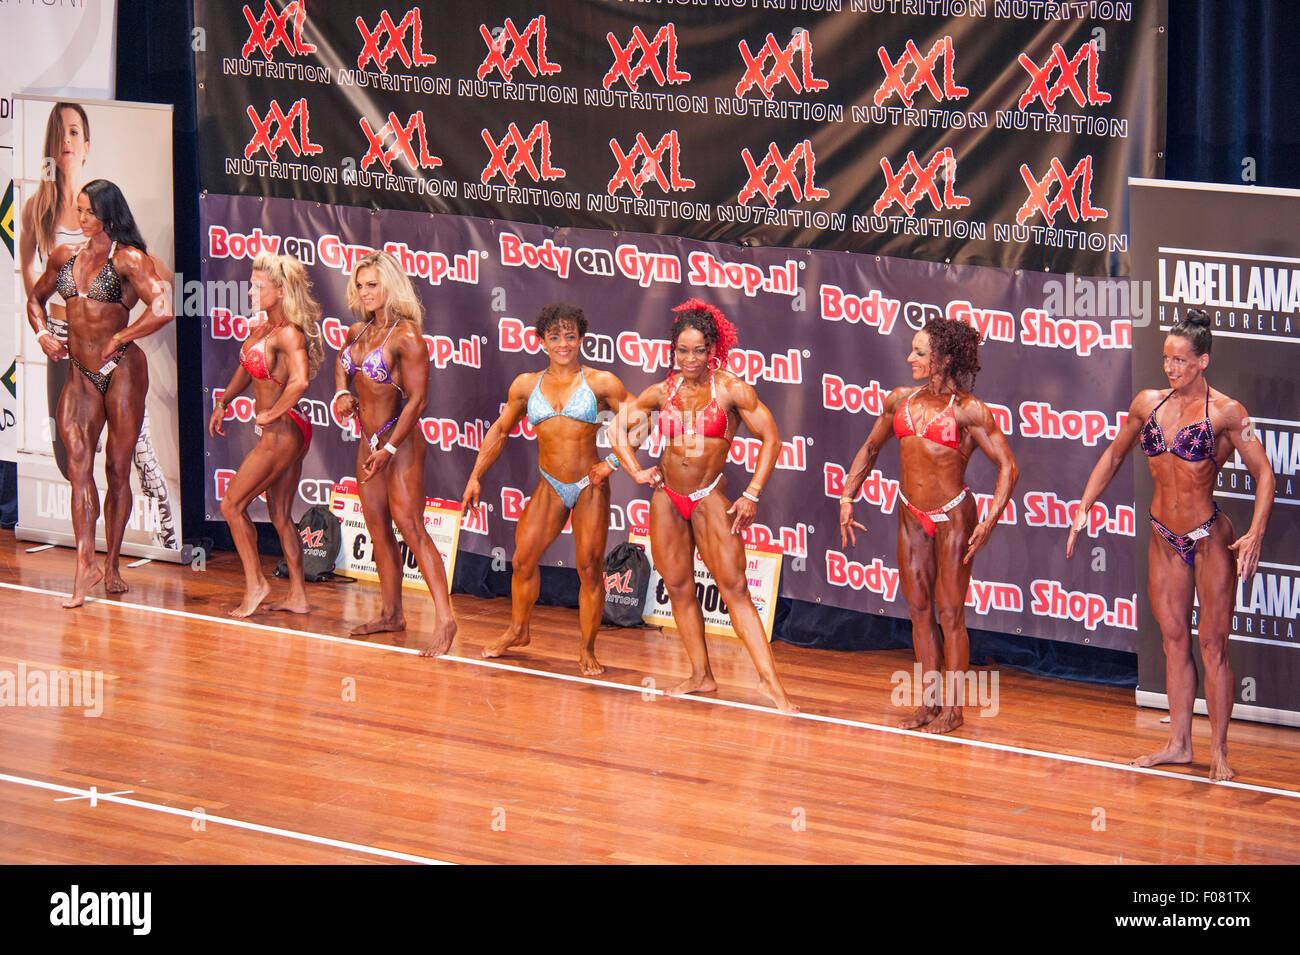 SCHIEDAM, THE NETHERLANDS - APRIL 26, 2015: Female bodybuilders Naima Benamari, Mariska Meuissen in a lineup comparison - Stock Image